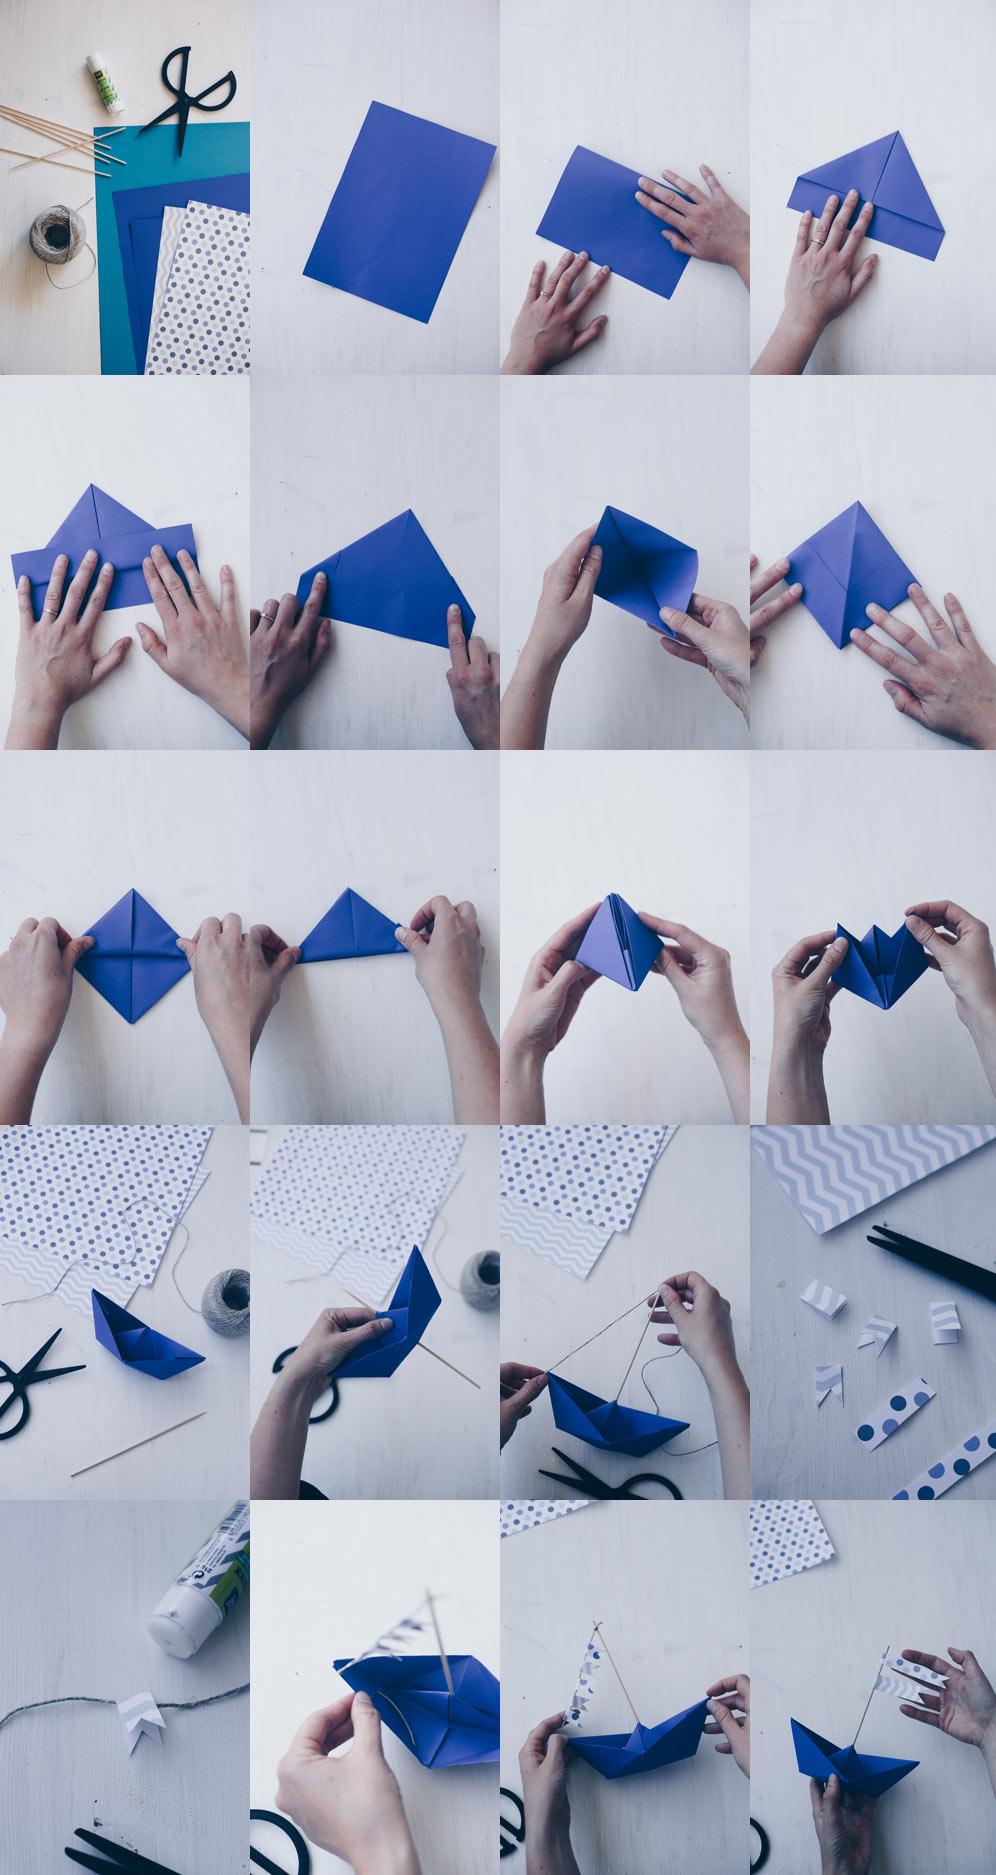 DIY Tischdeko zur Taufe mit Booten - Origamiboote mit Fähnchen selbermachen - Schritt für Schritt Faltanleitung